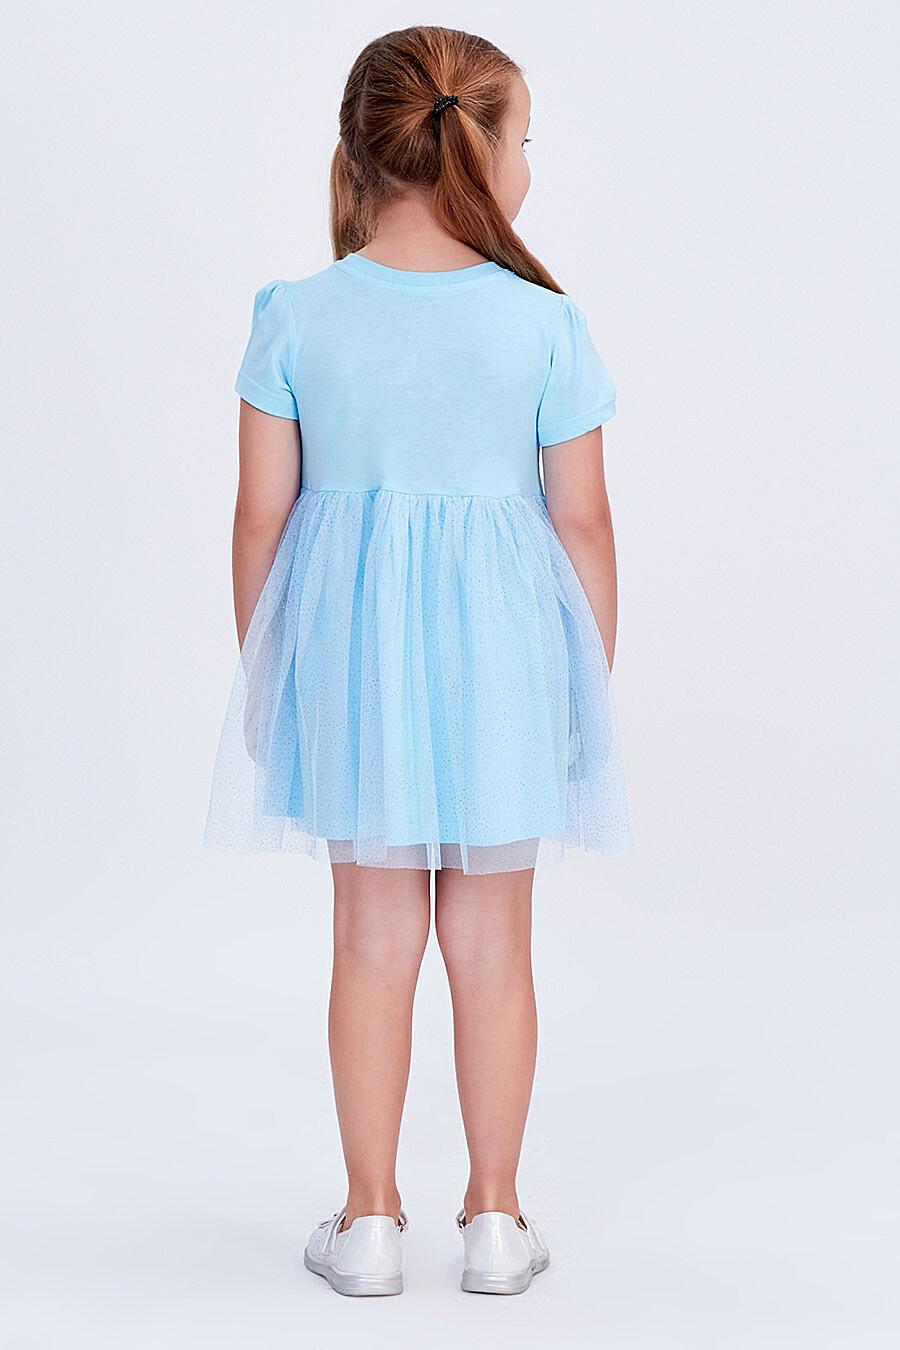 Платье для девочек ROXY FOXY 707296 купить оптом от производителя. Совместная покупка детской одежды в OptMoyo